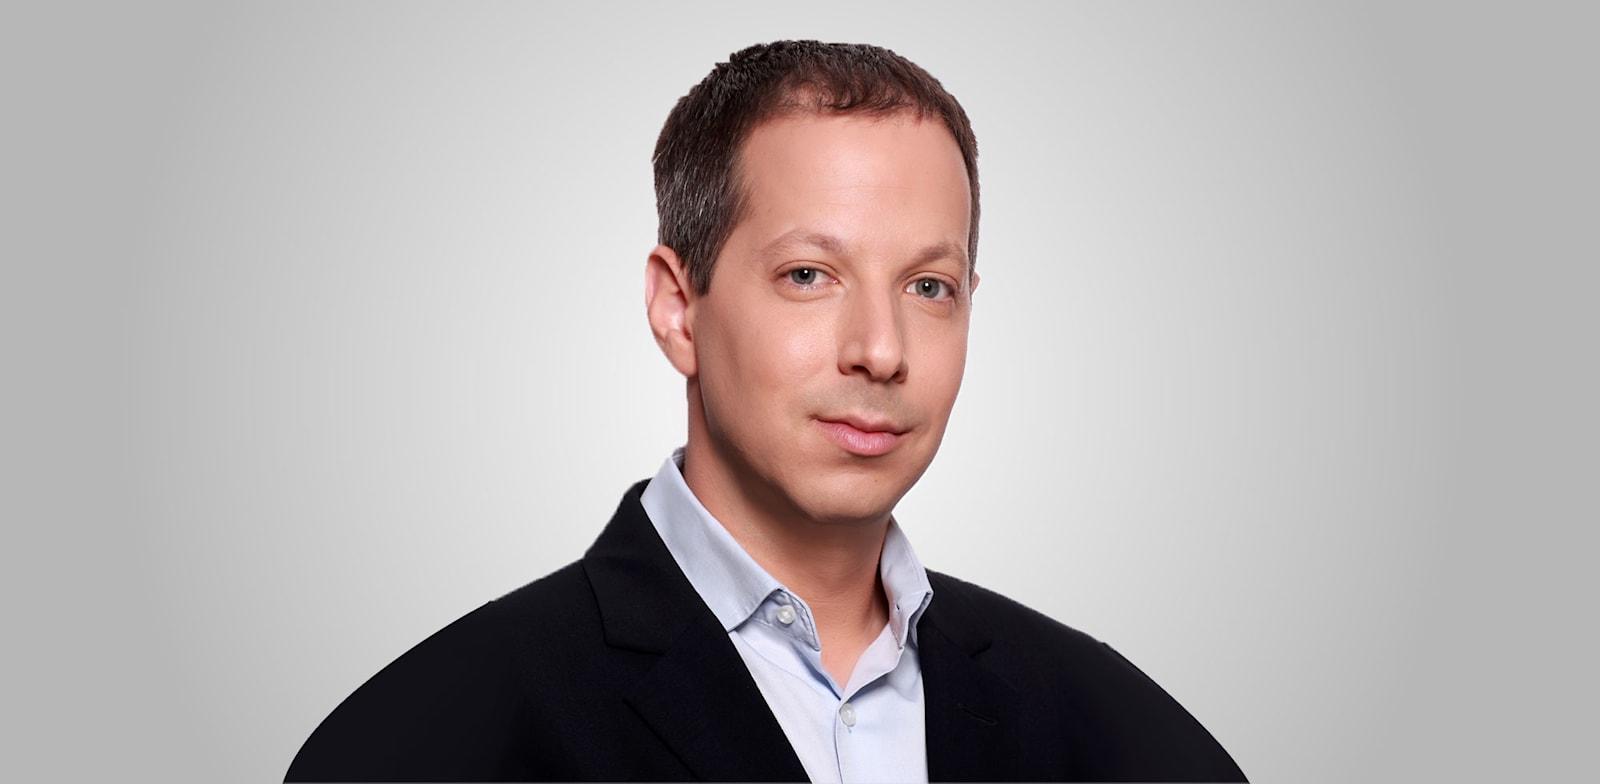 """דייב לובצקי, מנכ""""ל אי.בי.אי ניהול תיקים / צילום: אילן בשור"""